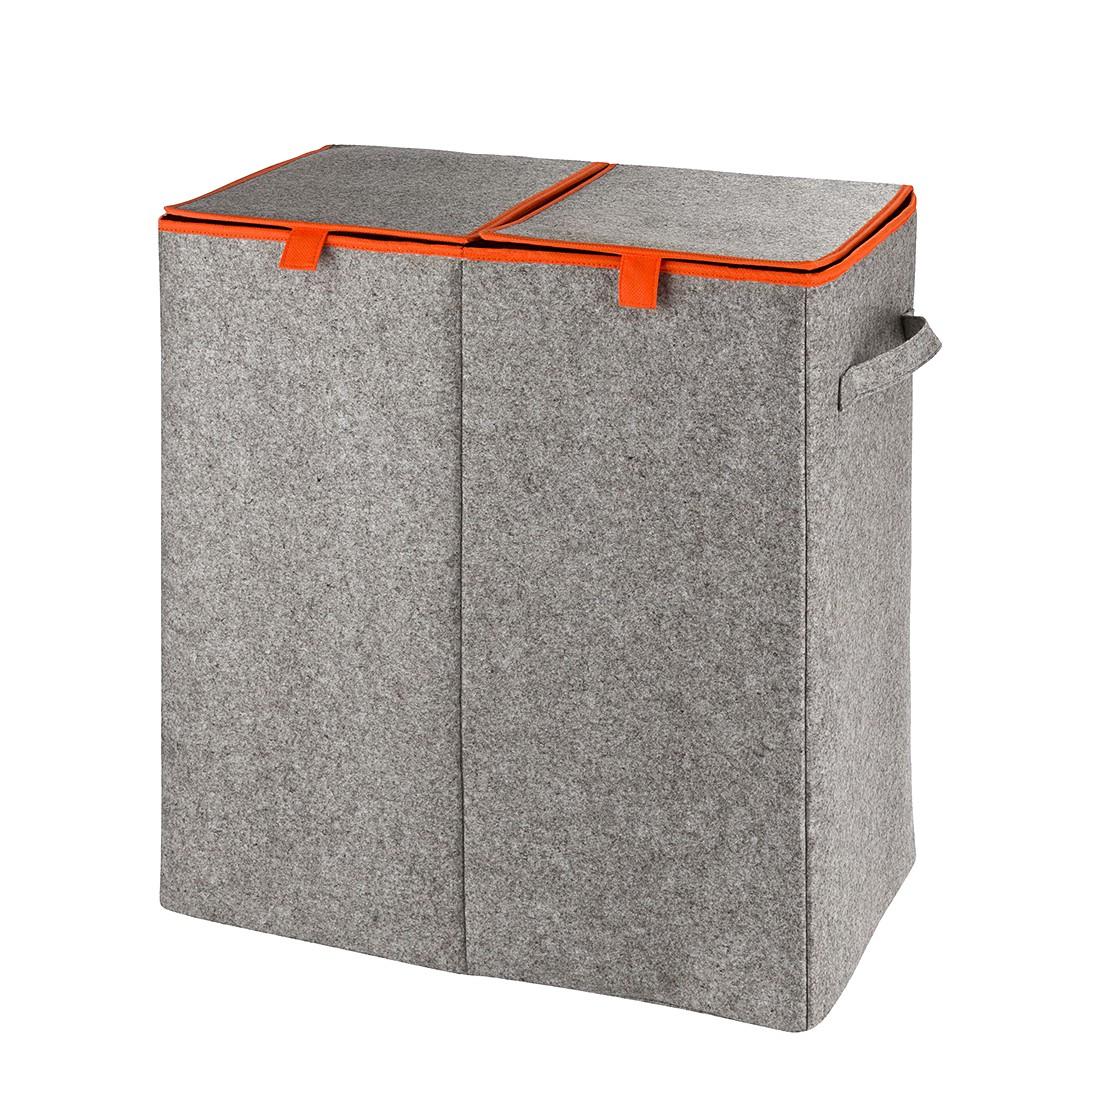 Wäschesammler Duo Filz - Orange, Wenko